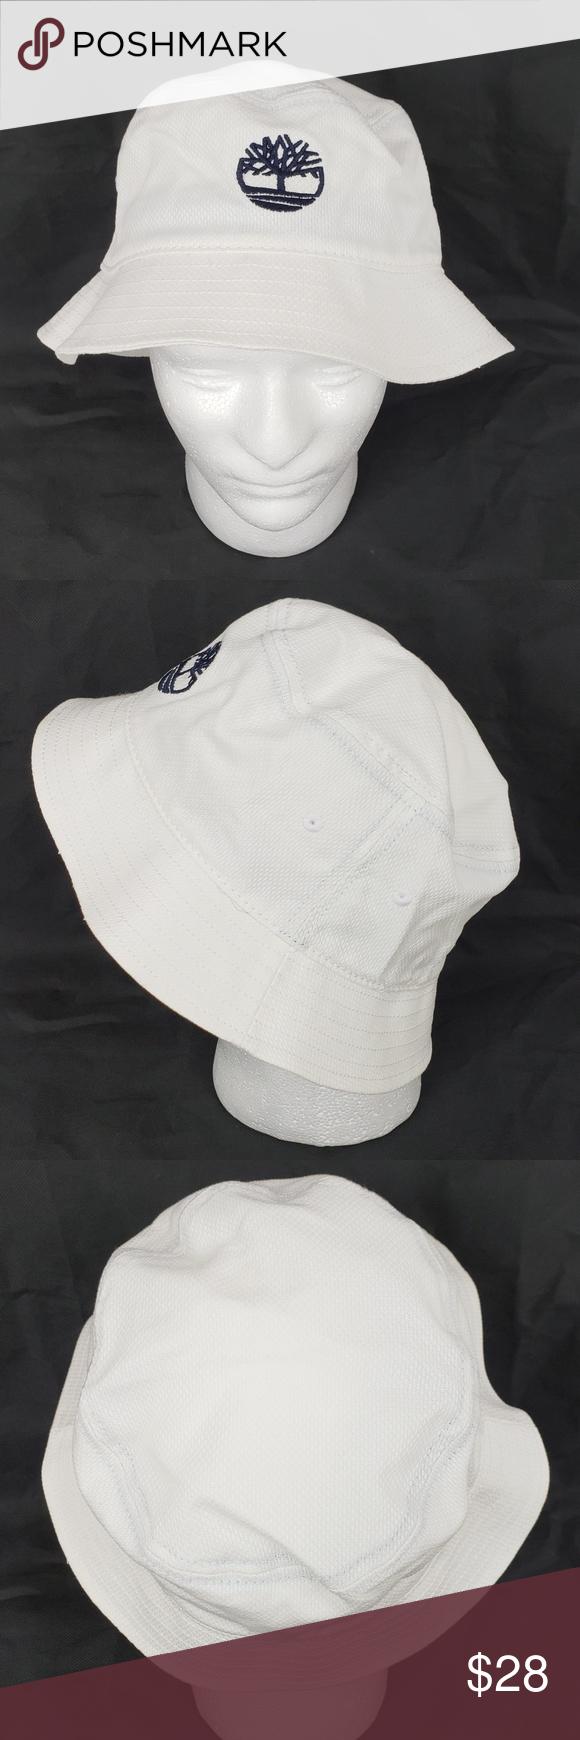 38af9679af5 Timberland Boot Company Bucket Hat Cap White NWT Timberland white bucket hat.  Navy blue logo